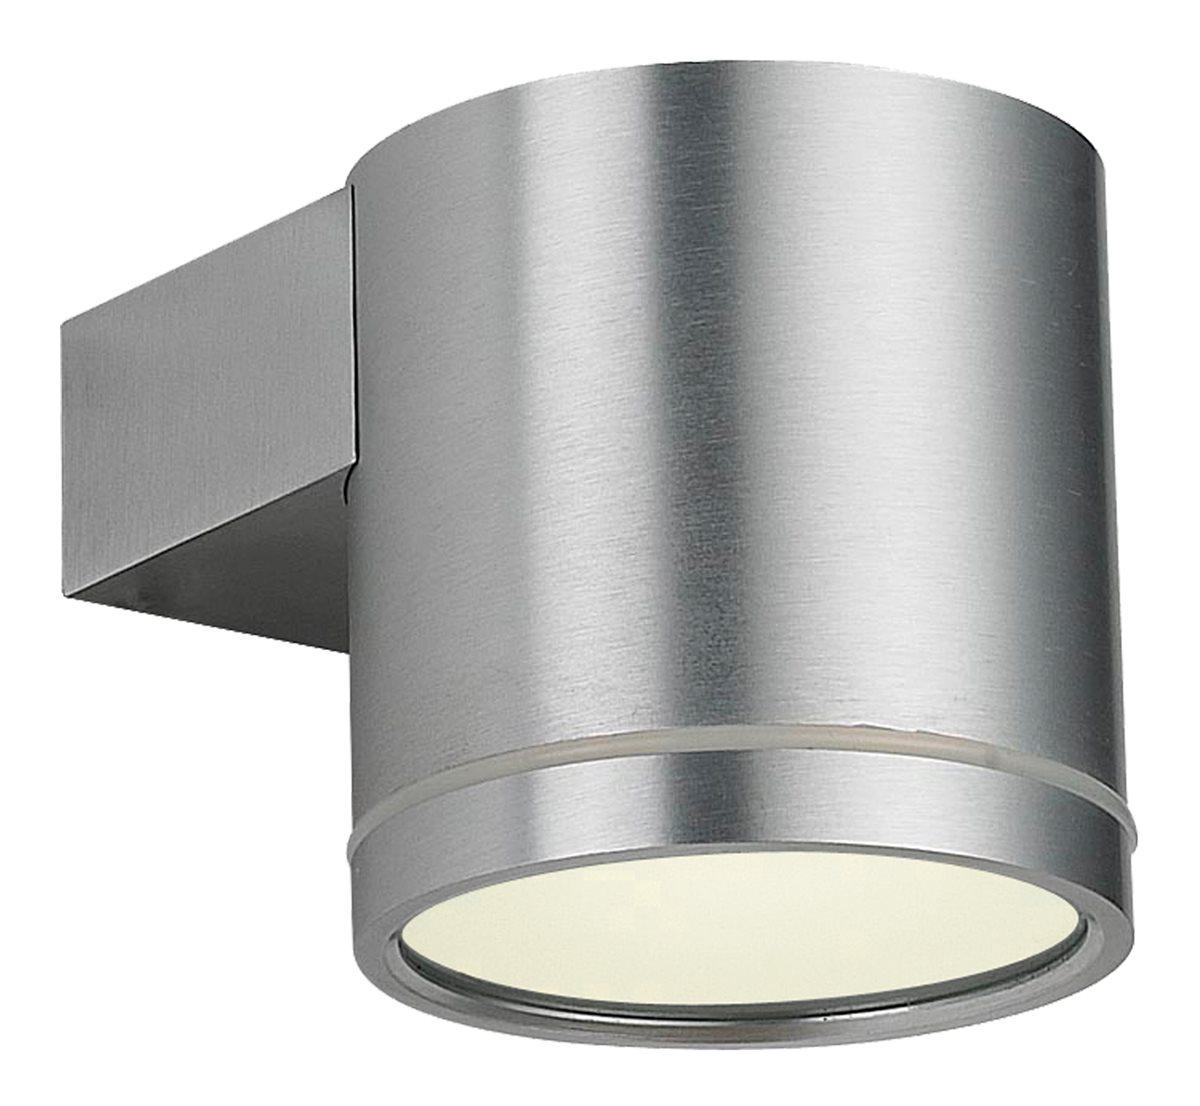 Lampenlux LED Außenleuchte Karim Außenlampe Wandlampe Wandleuchte Down Light 3 Größen IP54 GU10 Rund Silber Tür Aluminium